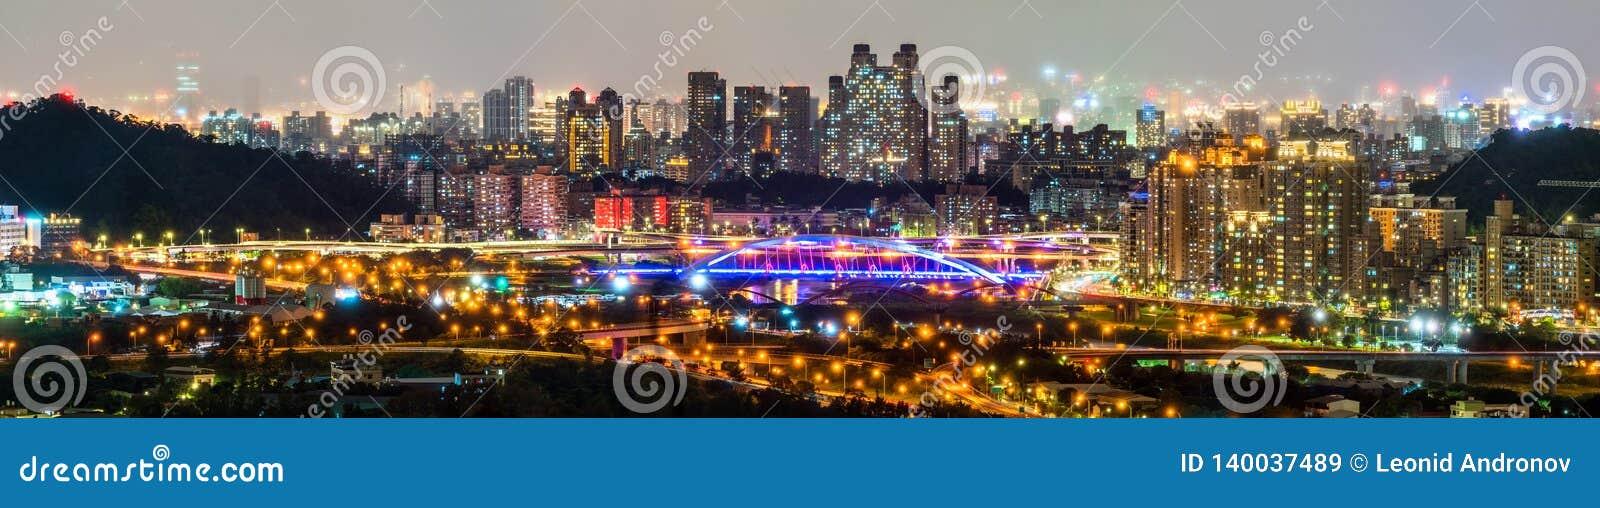 新北市夜地平线 台湾